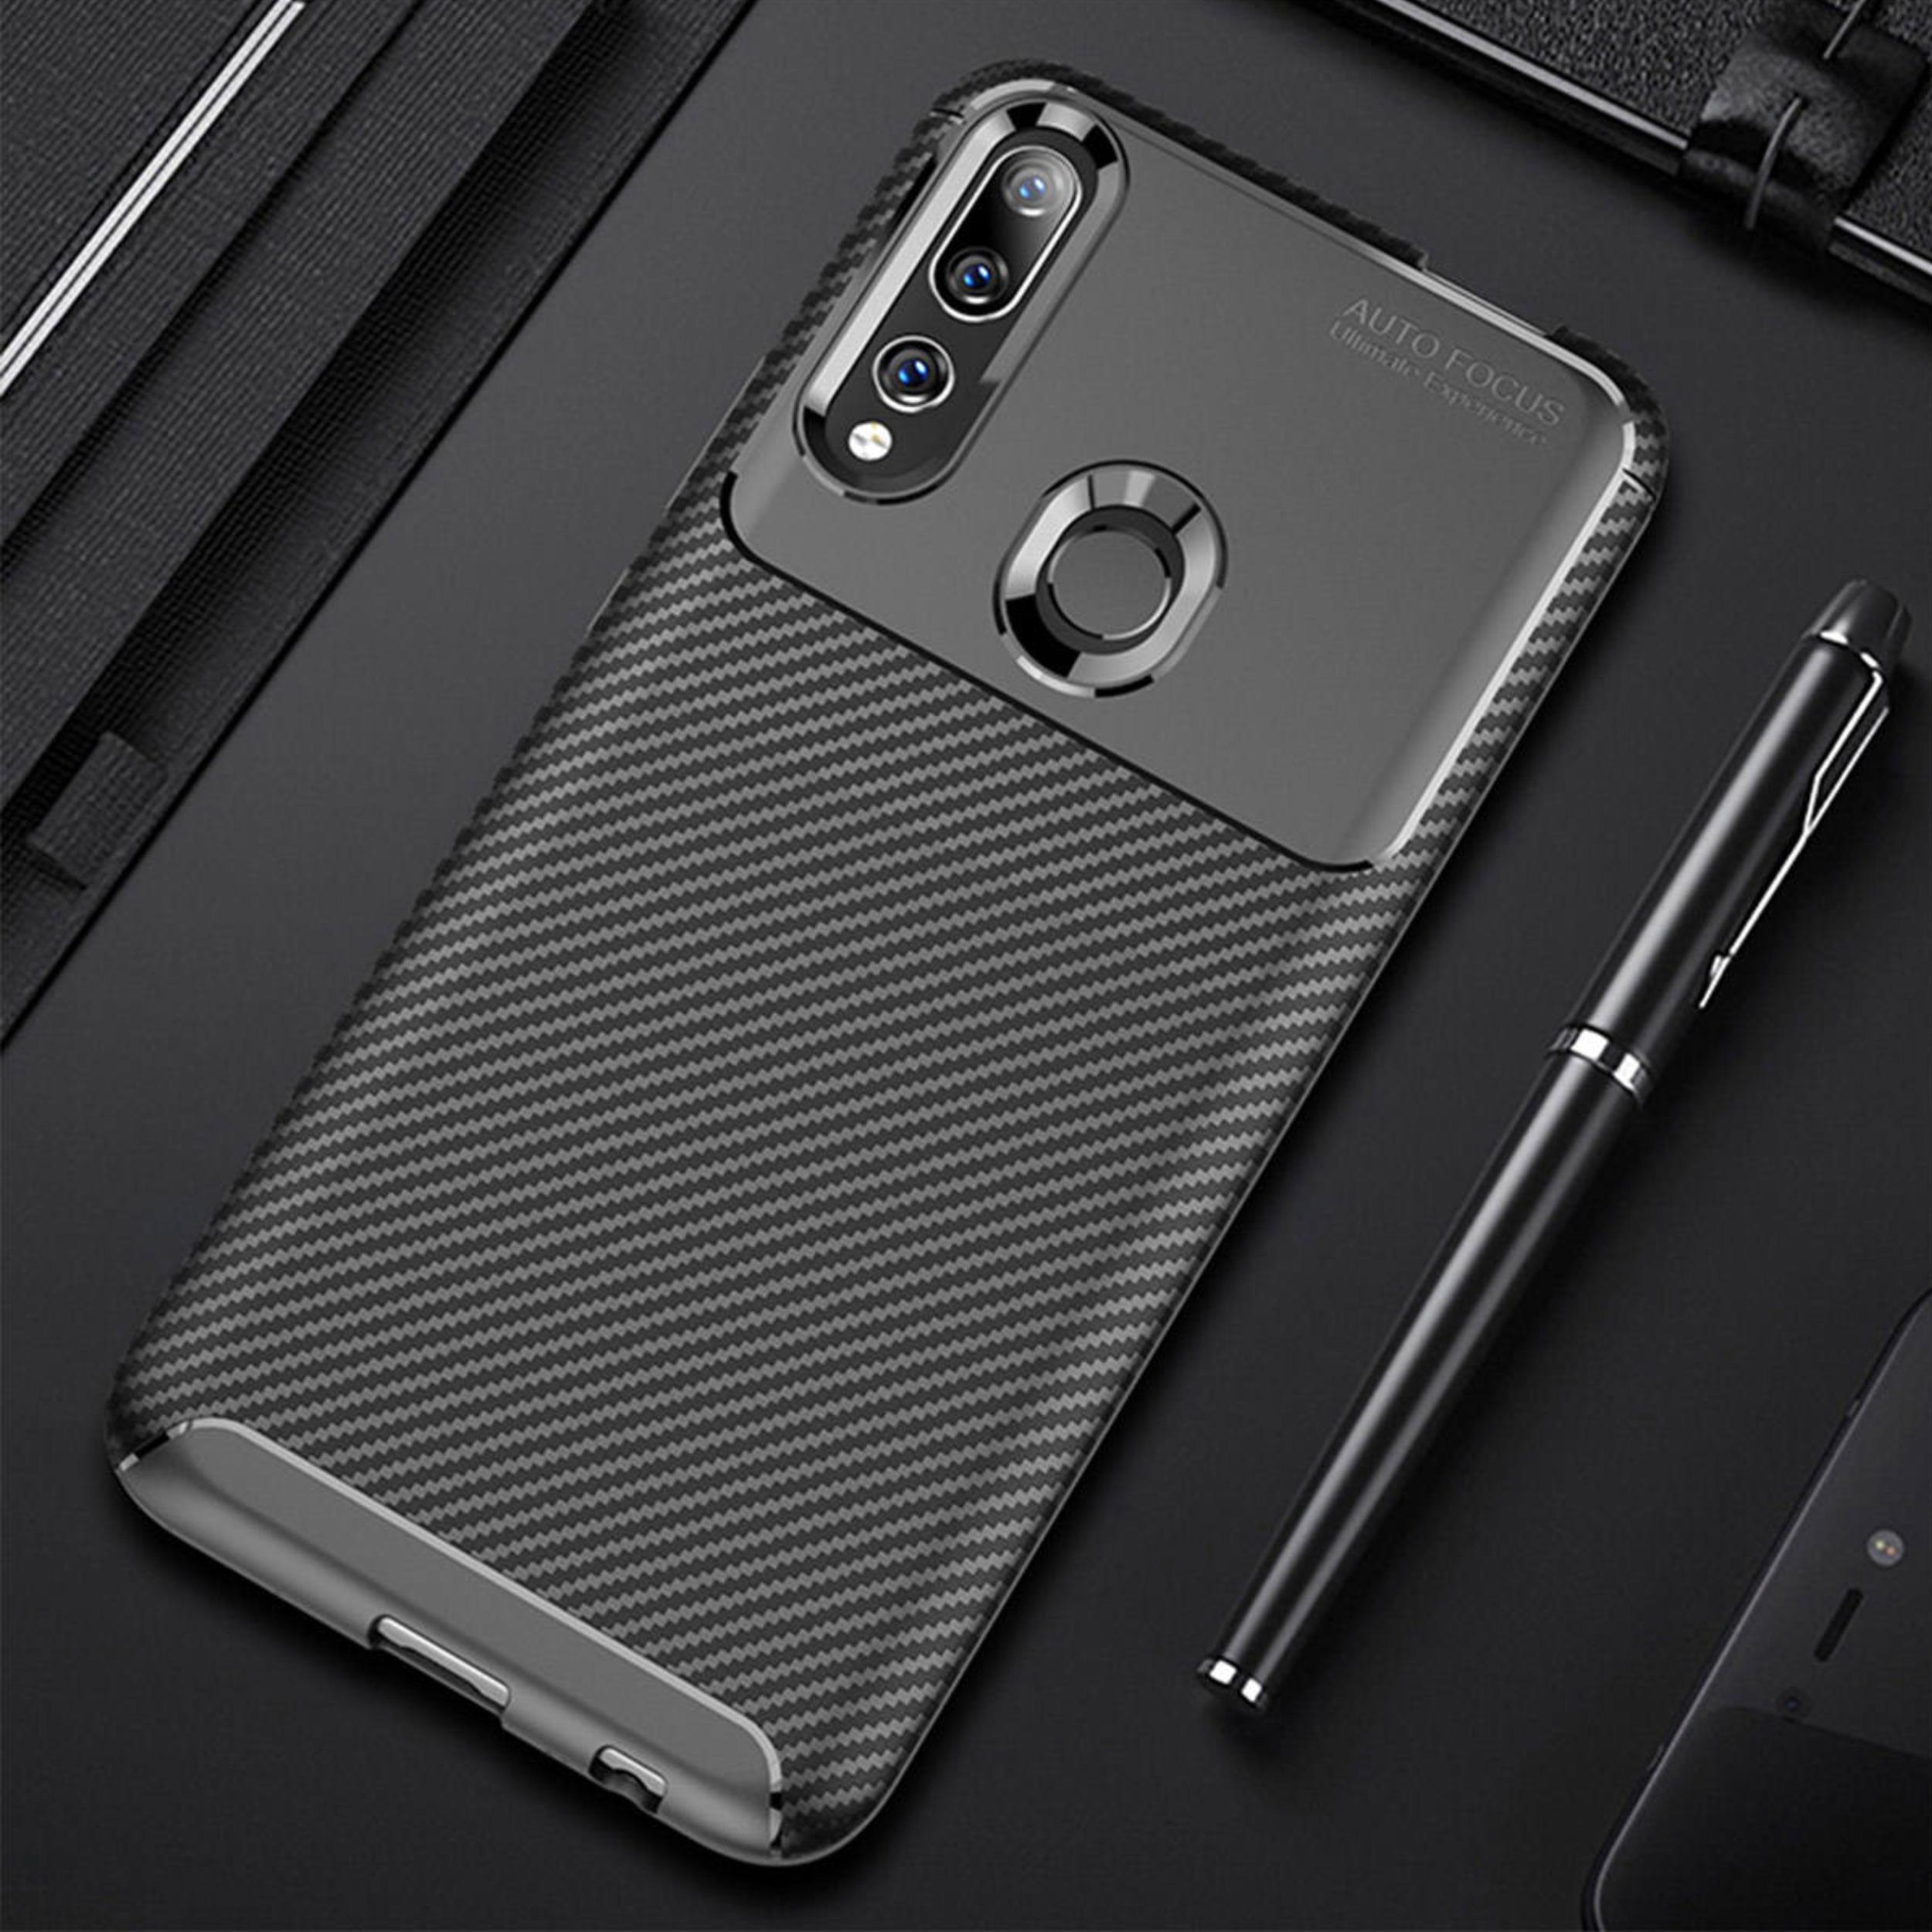 کاور لاین کینگ مدل A21 مناسب برای گوشی موبایل هوآوی Y9 Prime 2019 / آنر 9X thumb 2 11